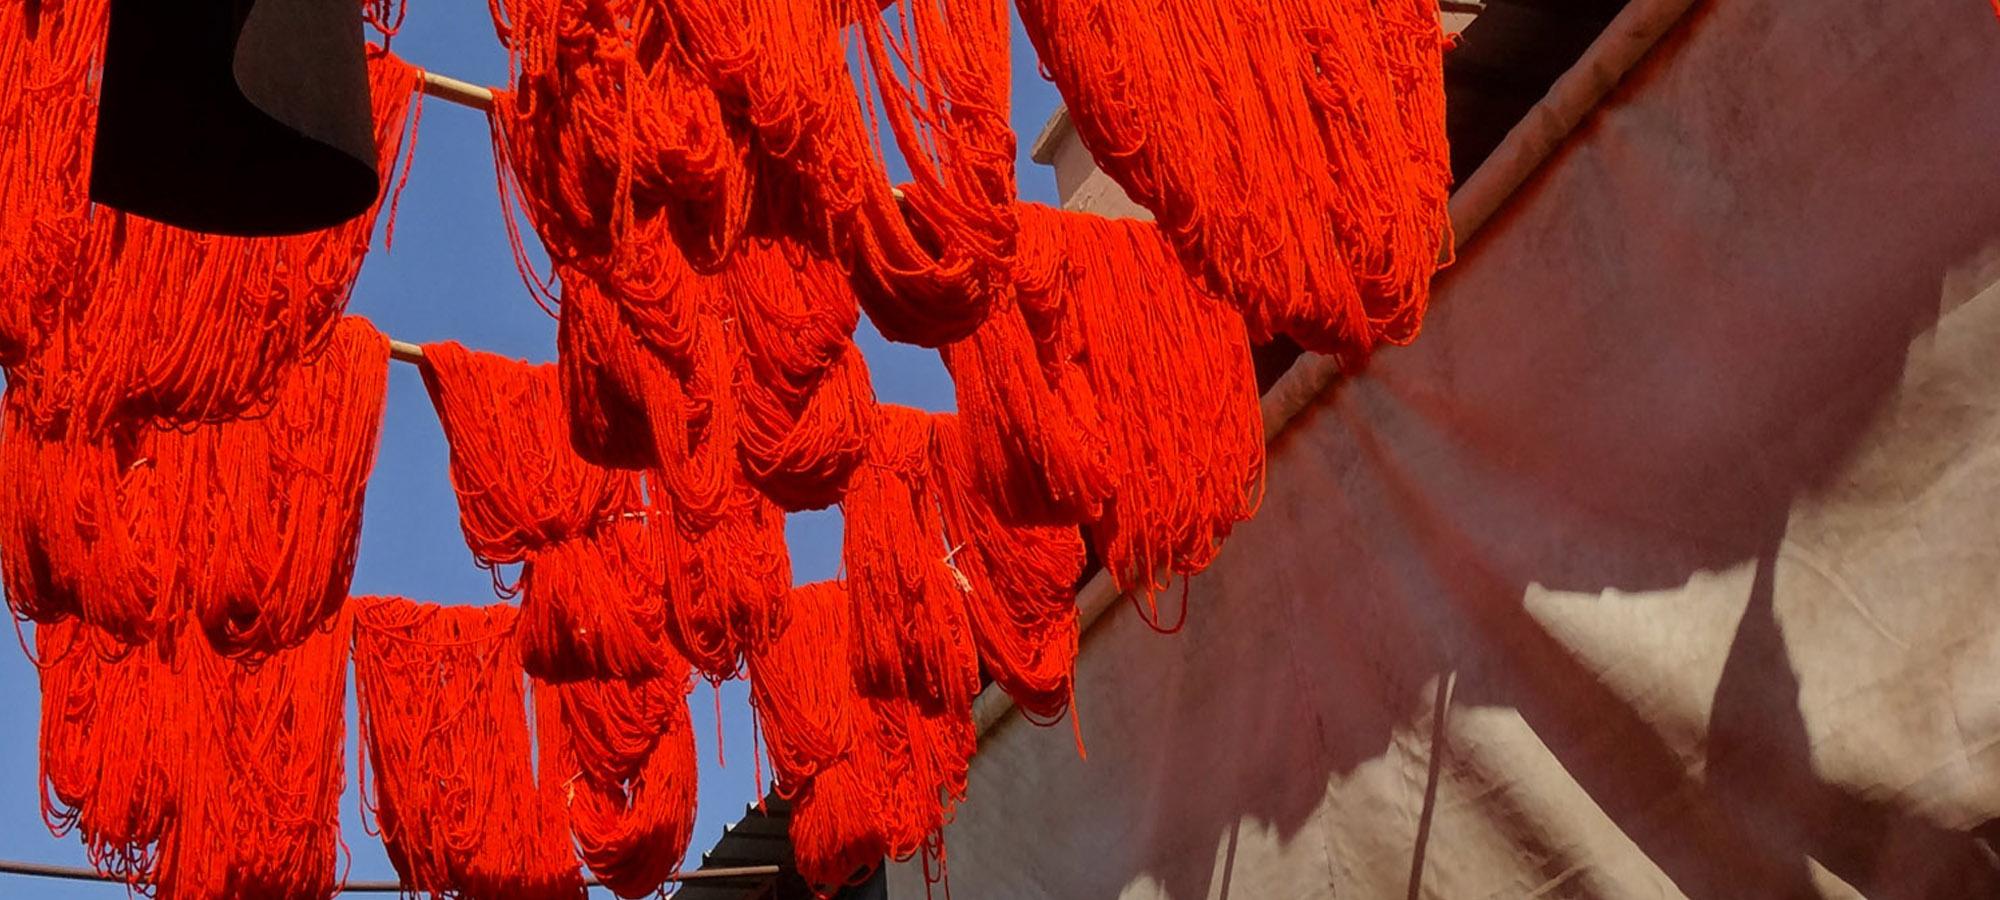 Dyed Wool 2.jpg